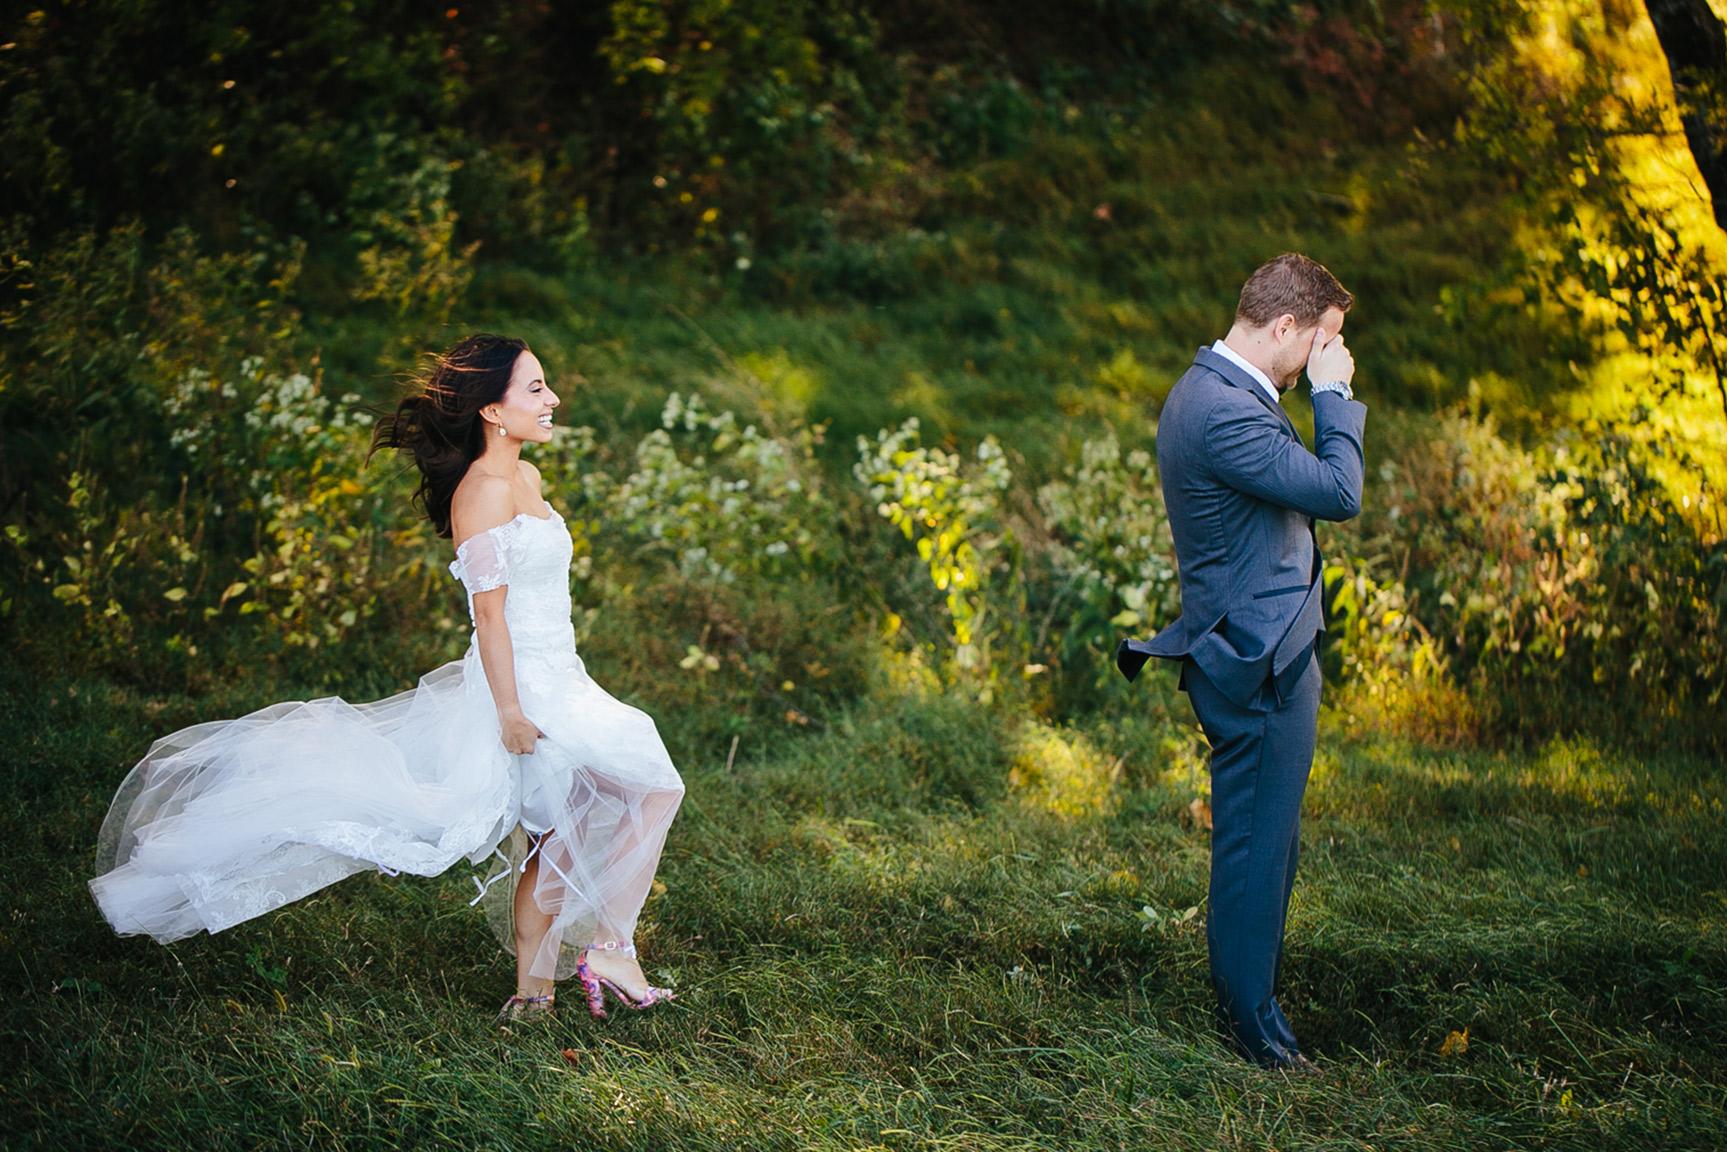 Nashville_WeddingPhotographer_005.jpg